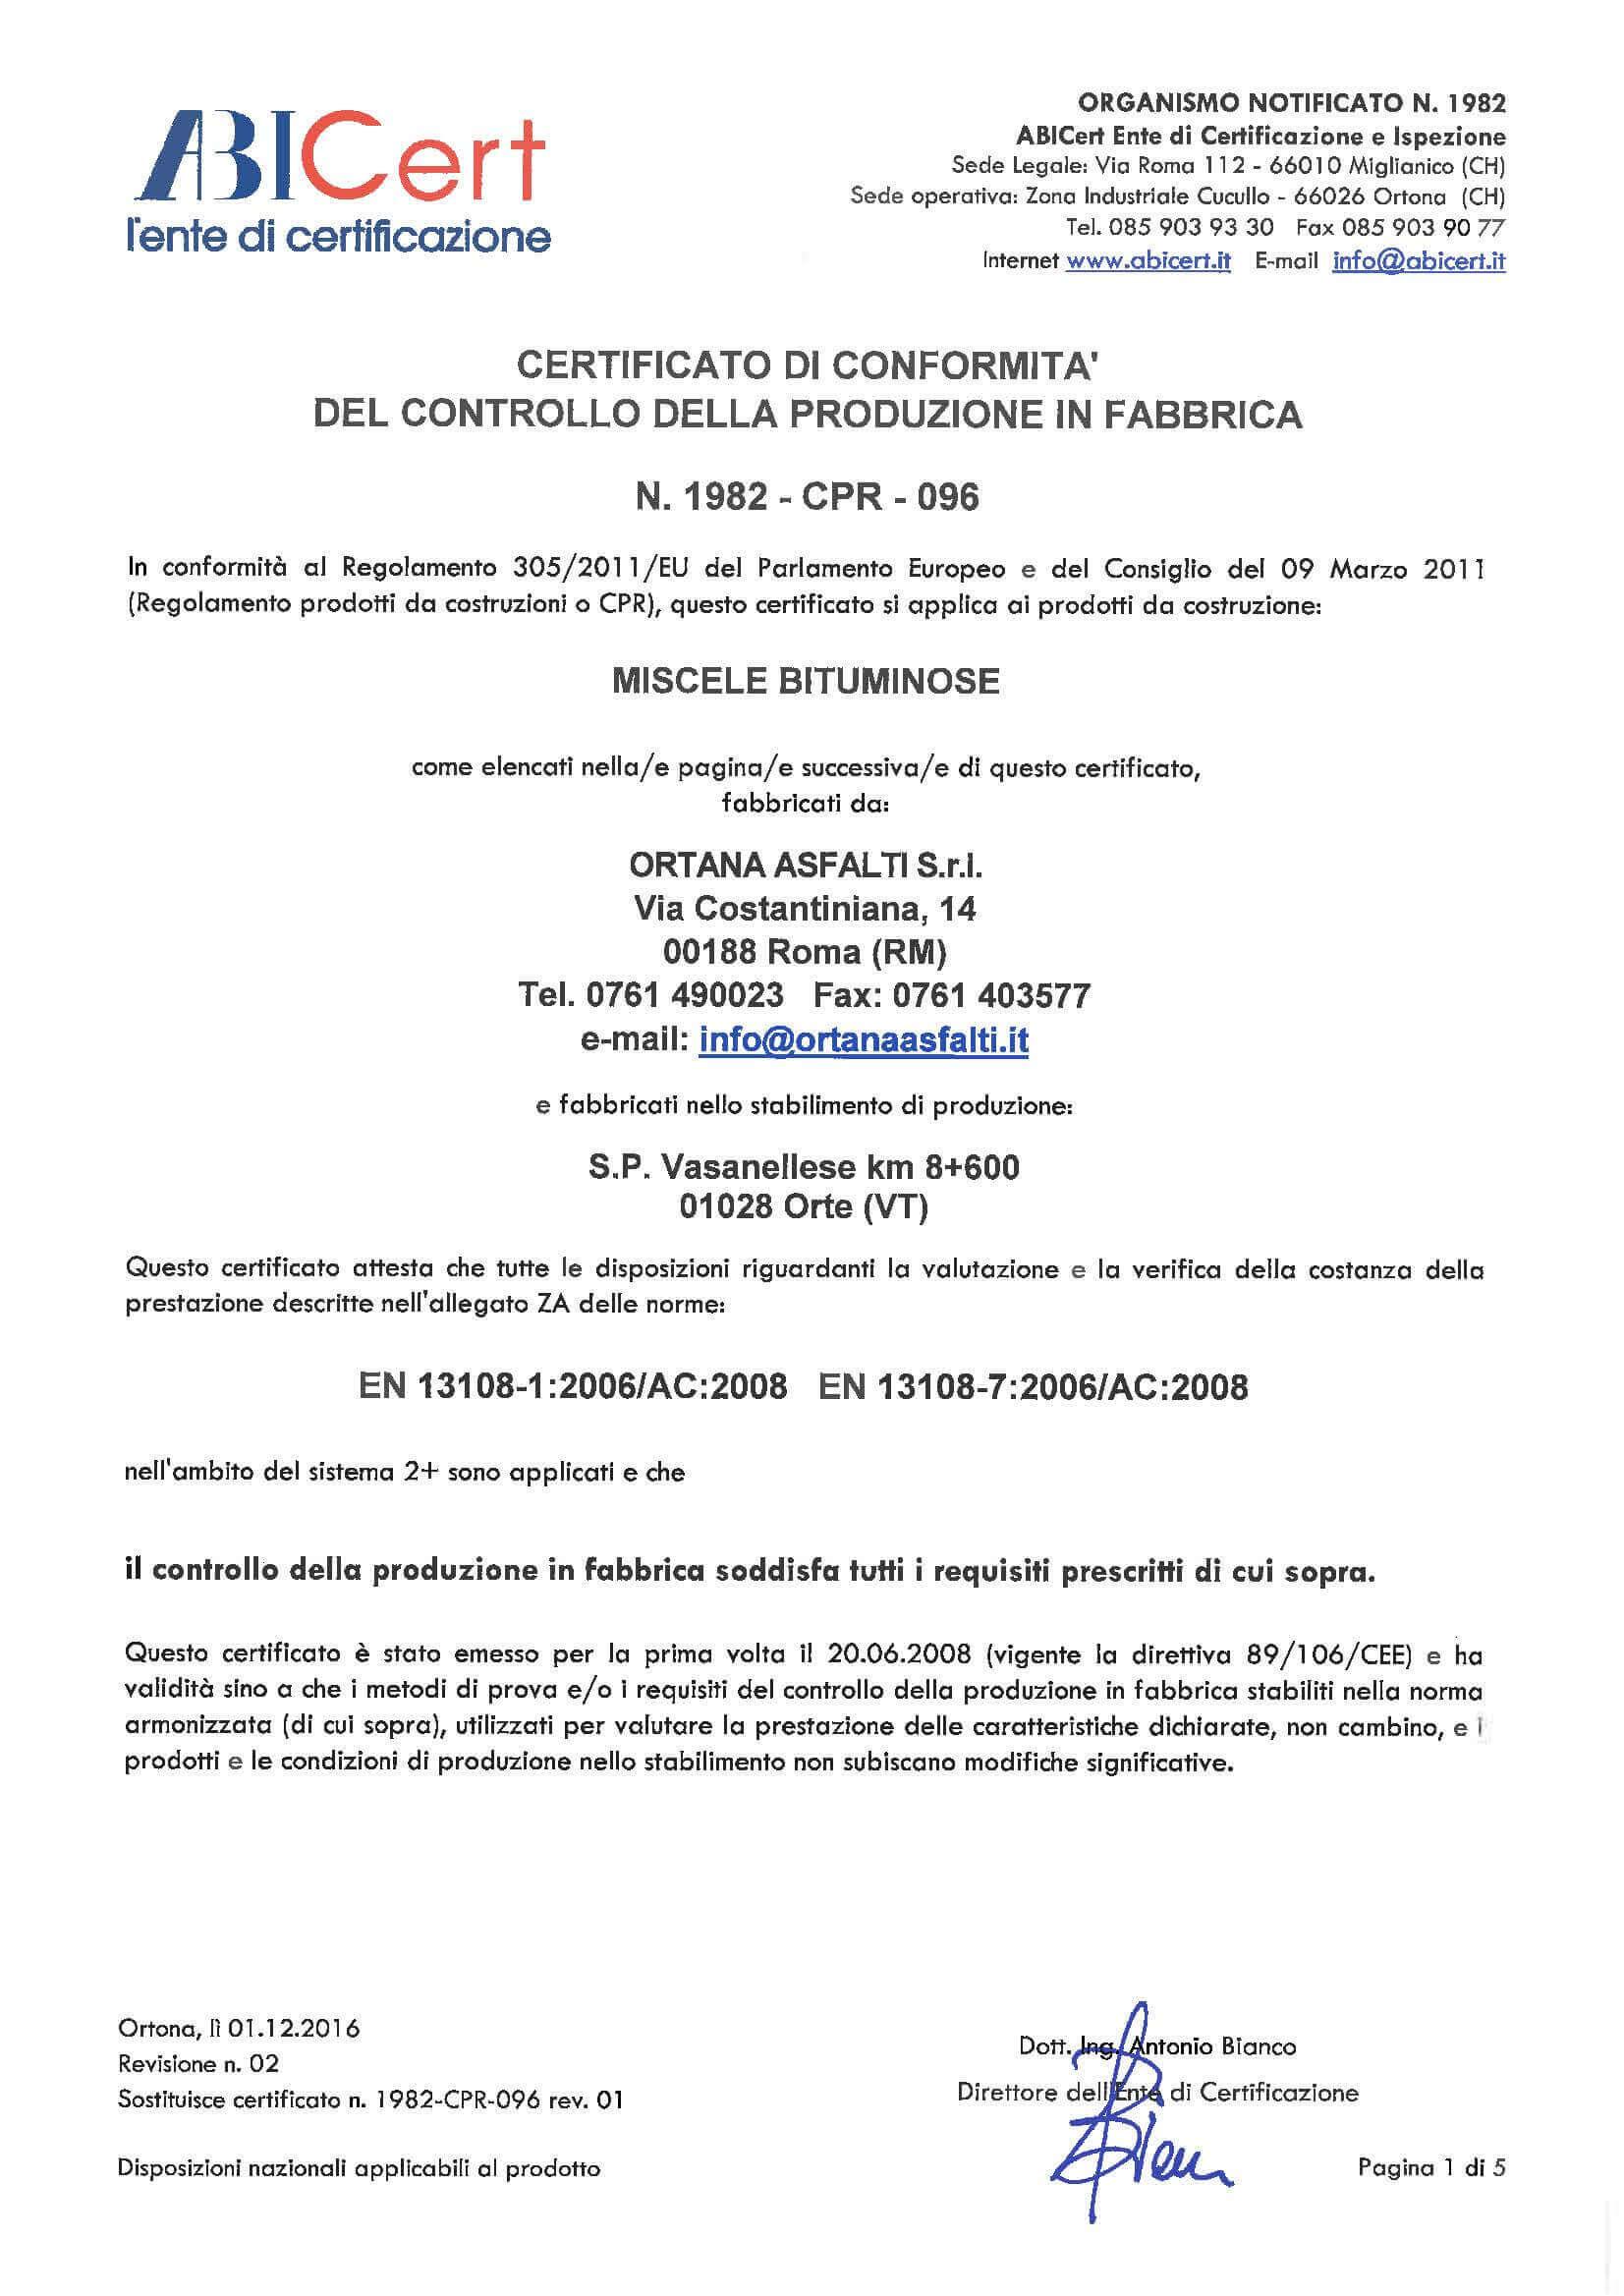 ABI Cert Certificato di conformita del controllo della produzione in Fabrrica 1/5